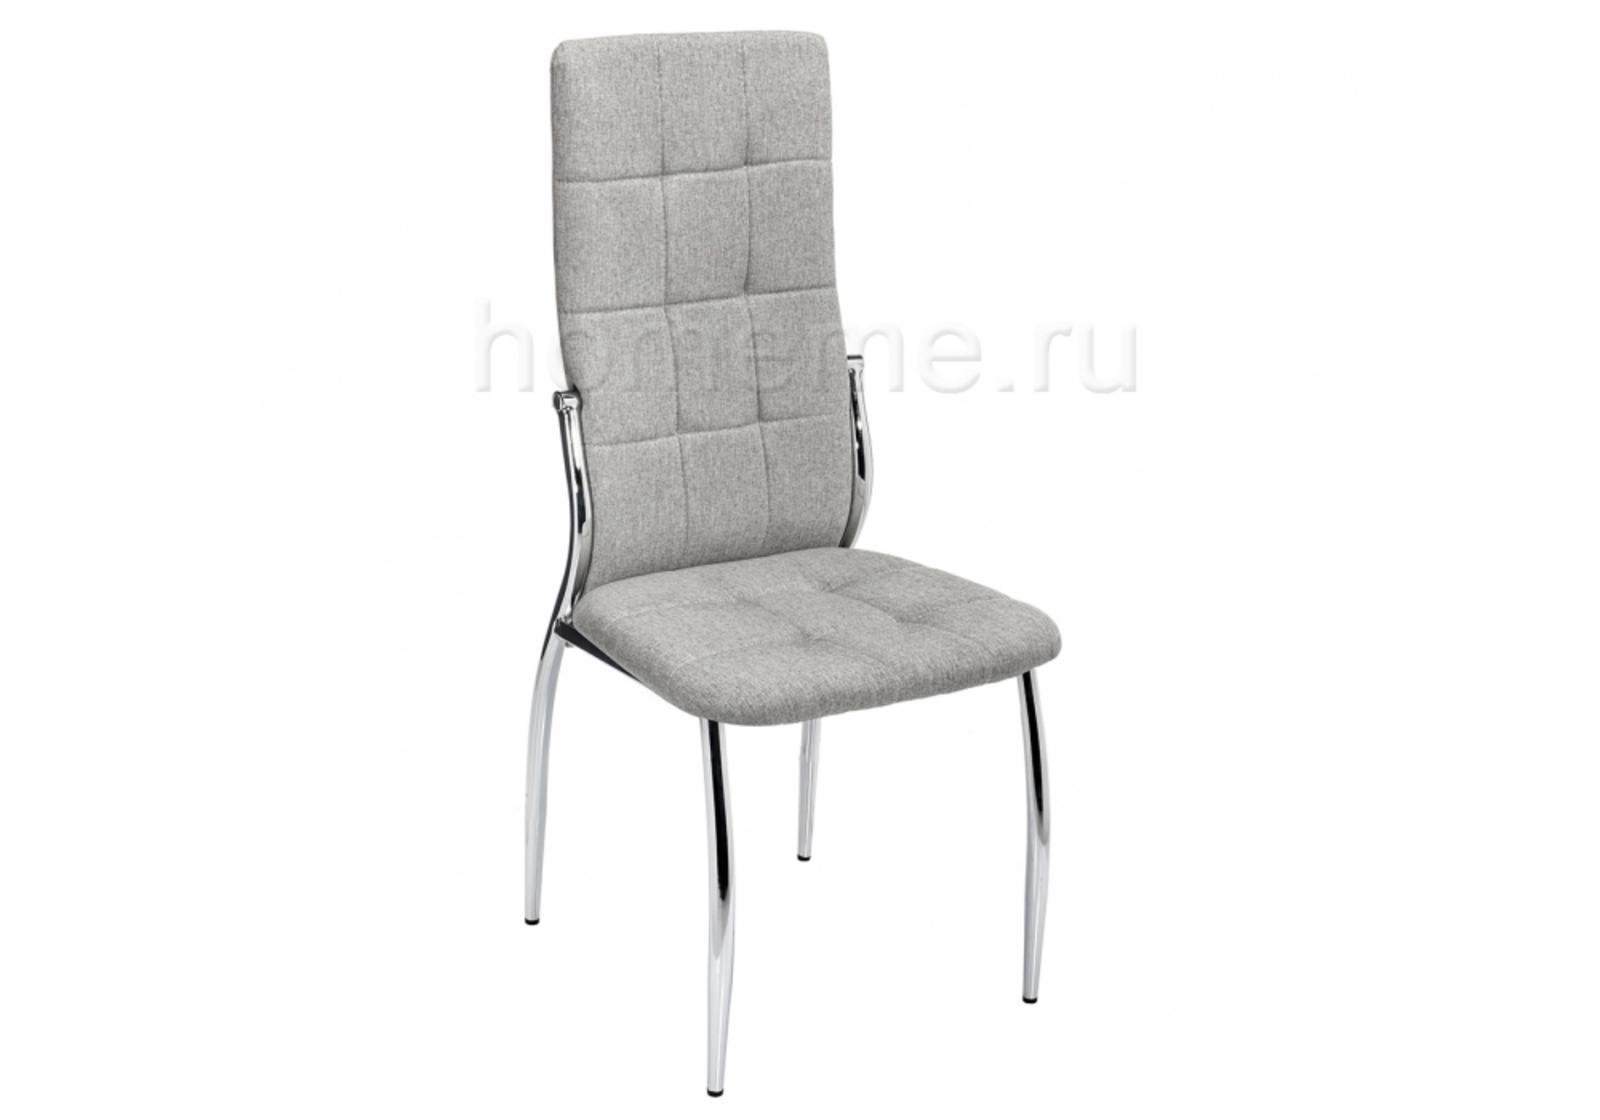 Стул Farini grey fabric 11524 Farini grey fabric 11524 (17876)